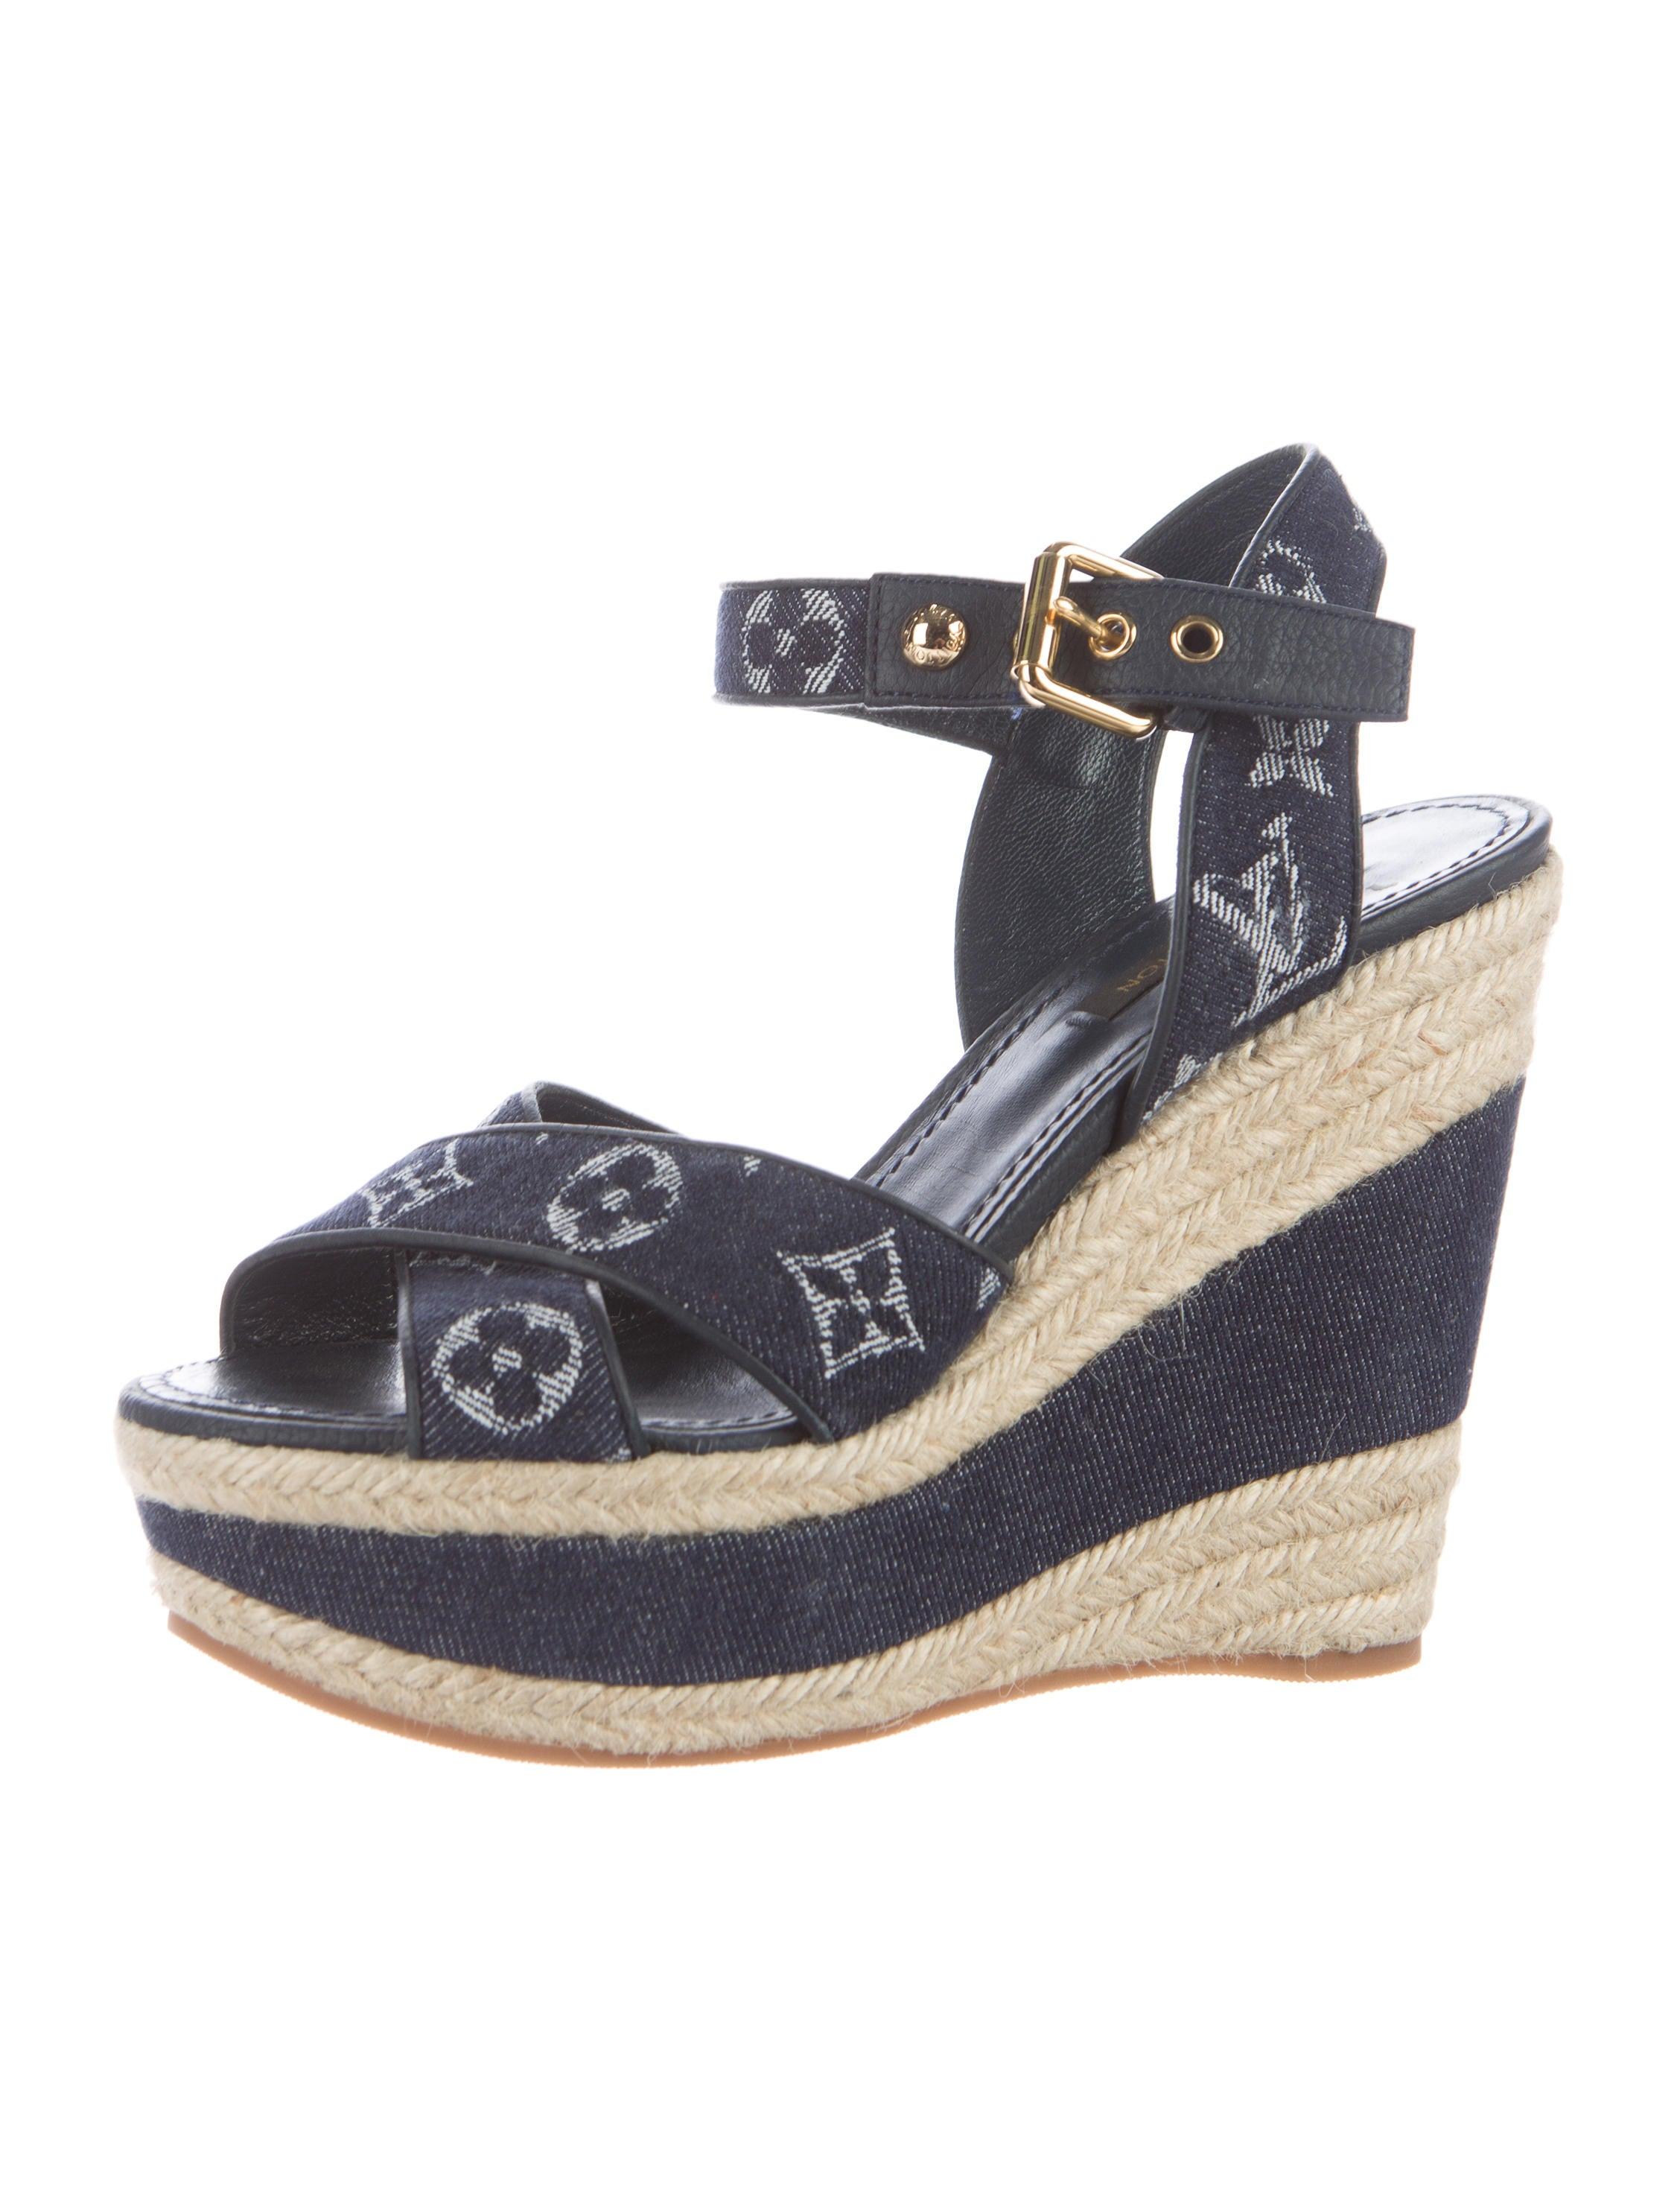 Louis Vuitton Sandals Dhgate | MIT Hillel